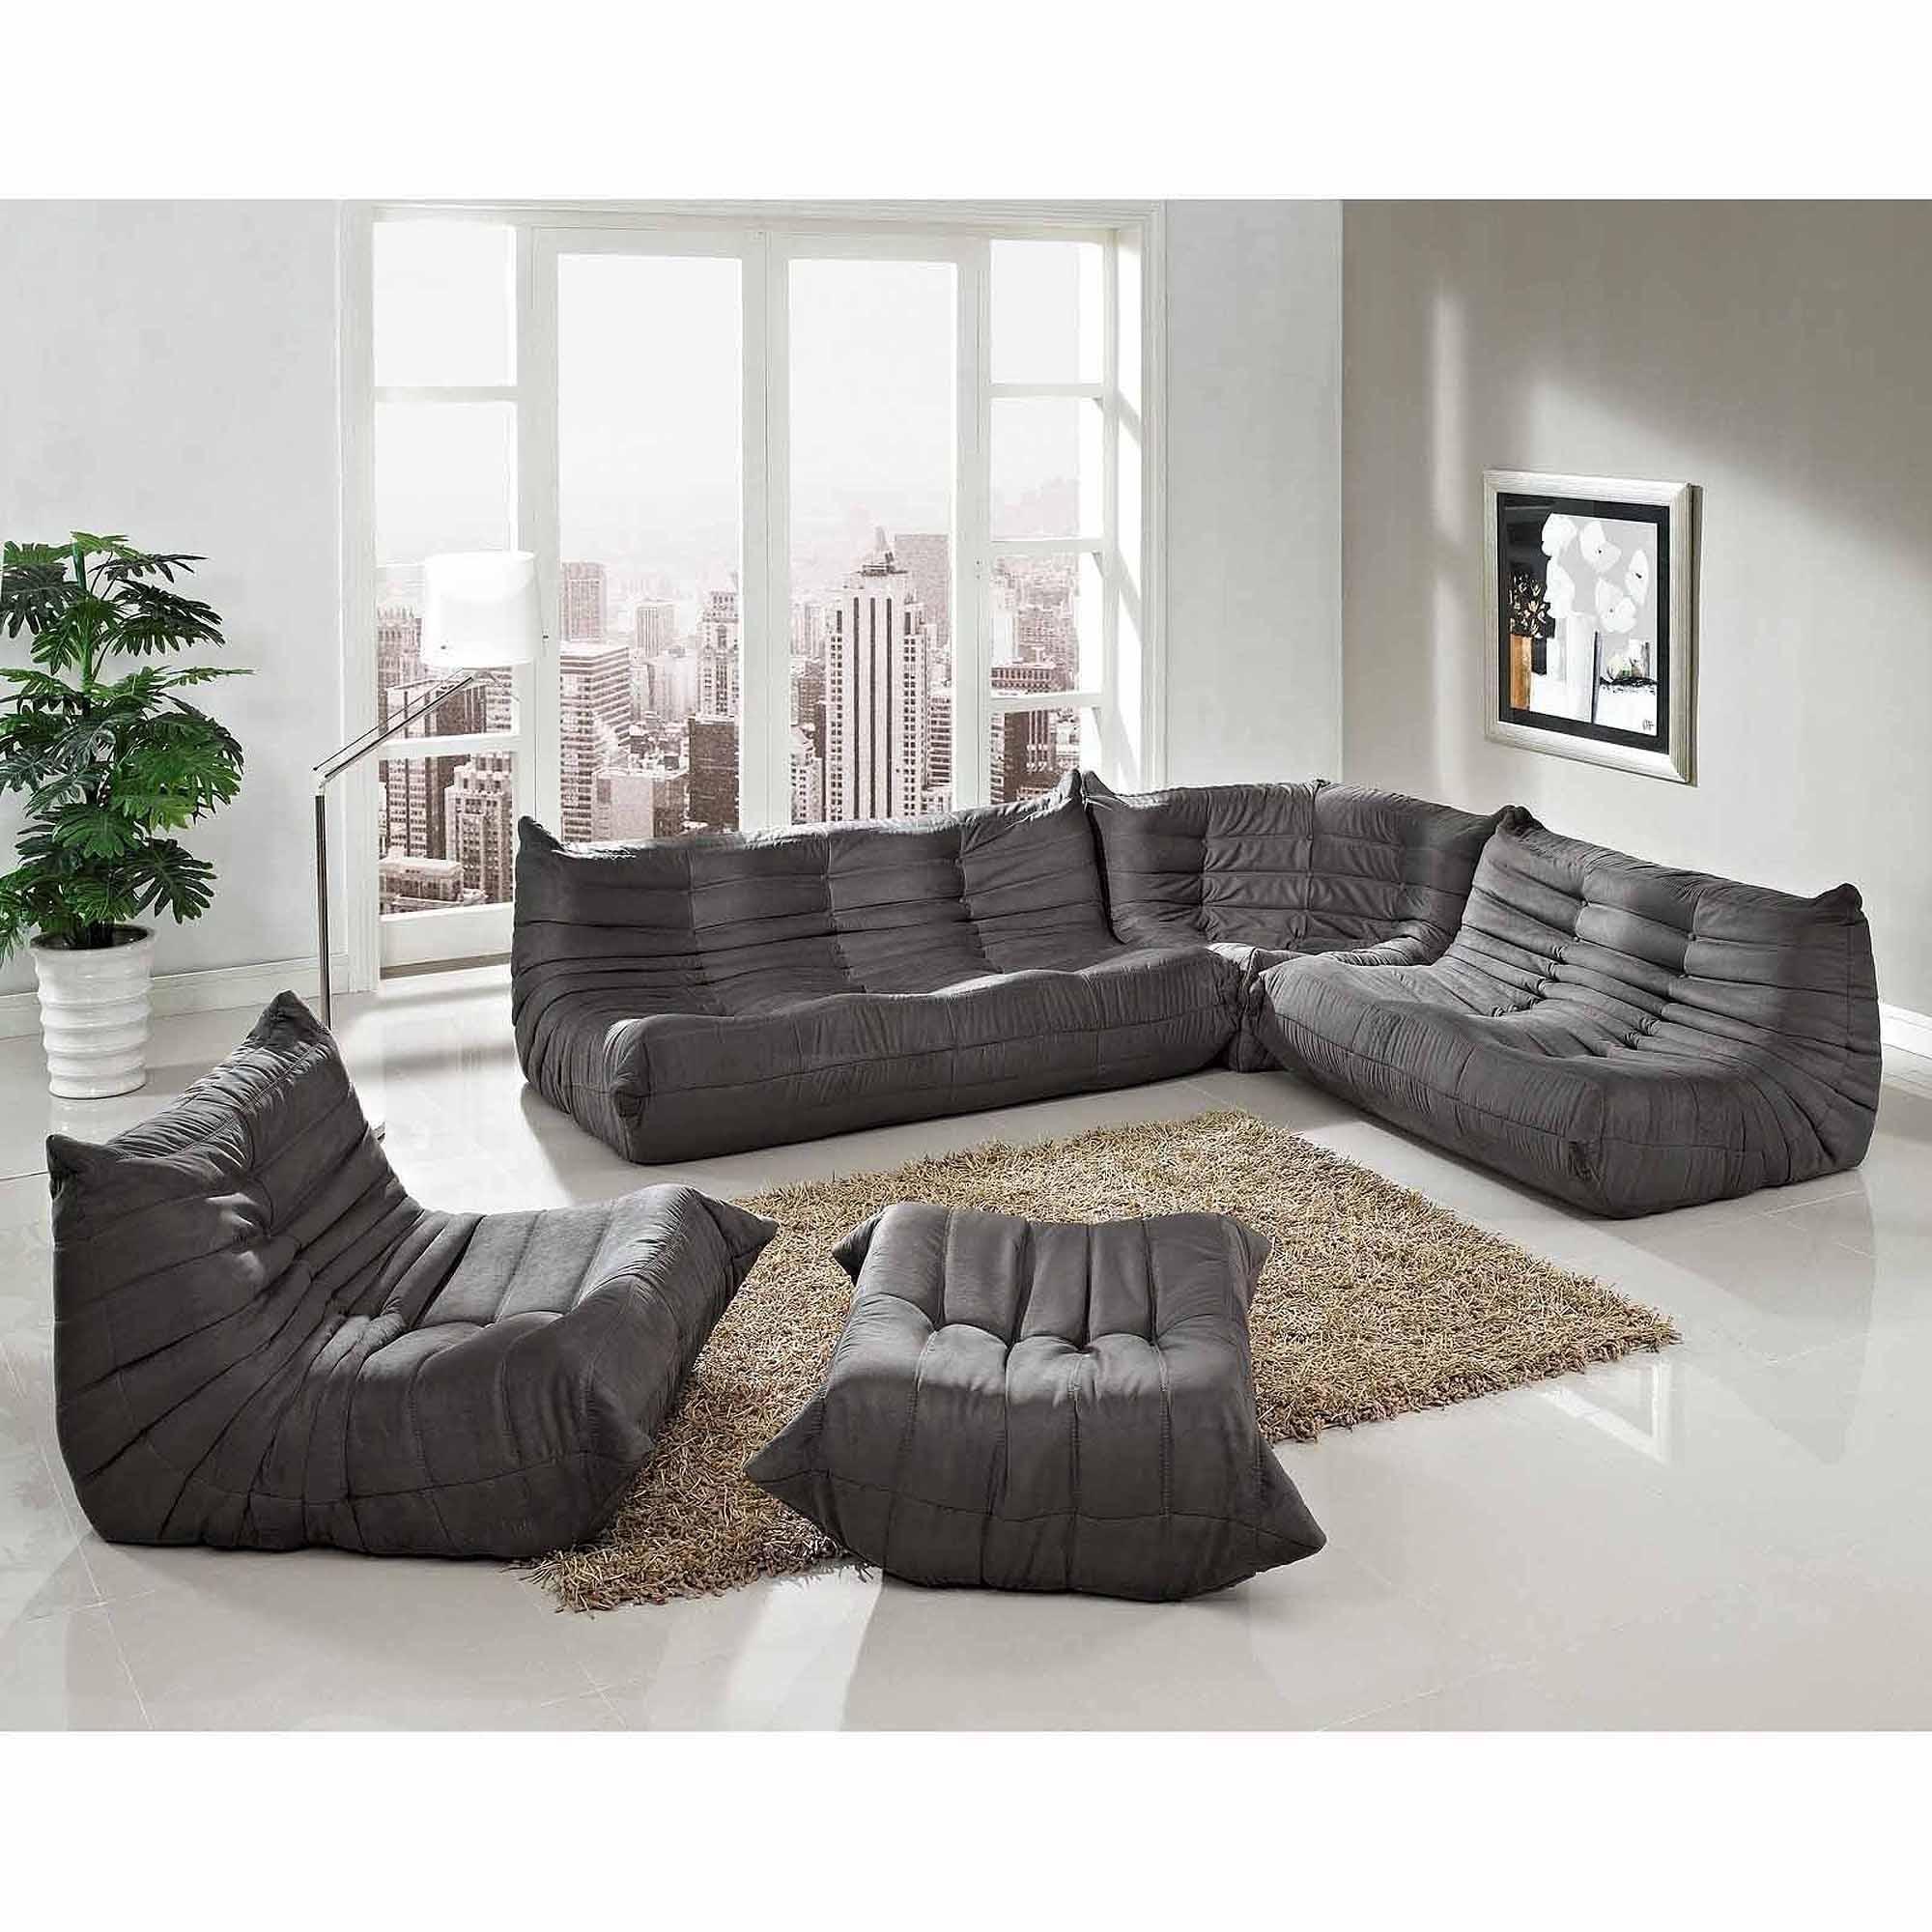 20 Top Small Modular Sectional Sofa